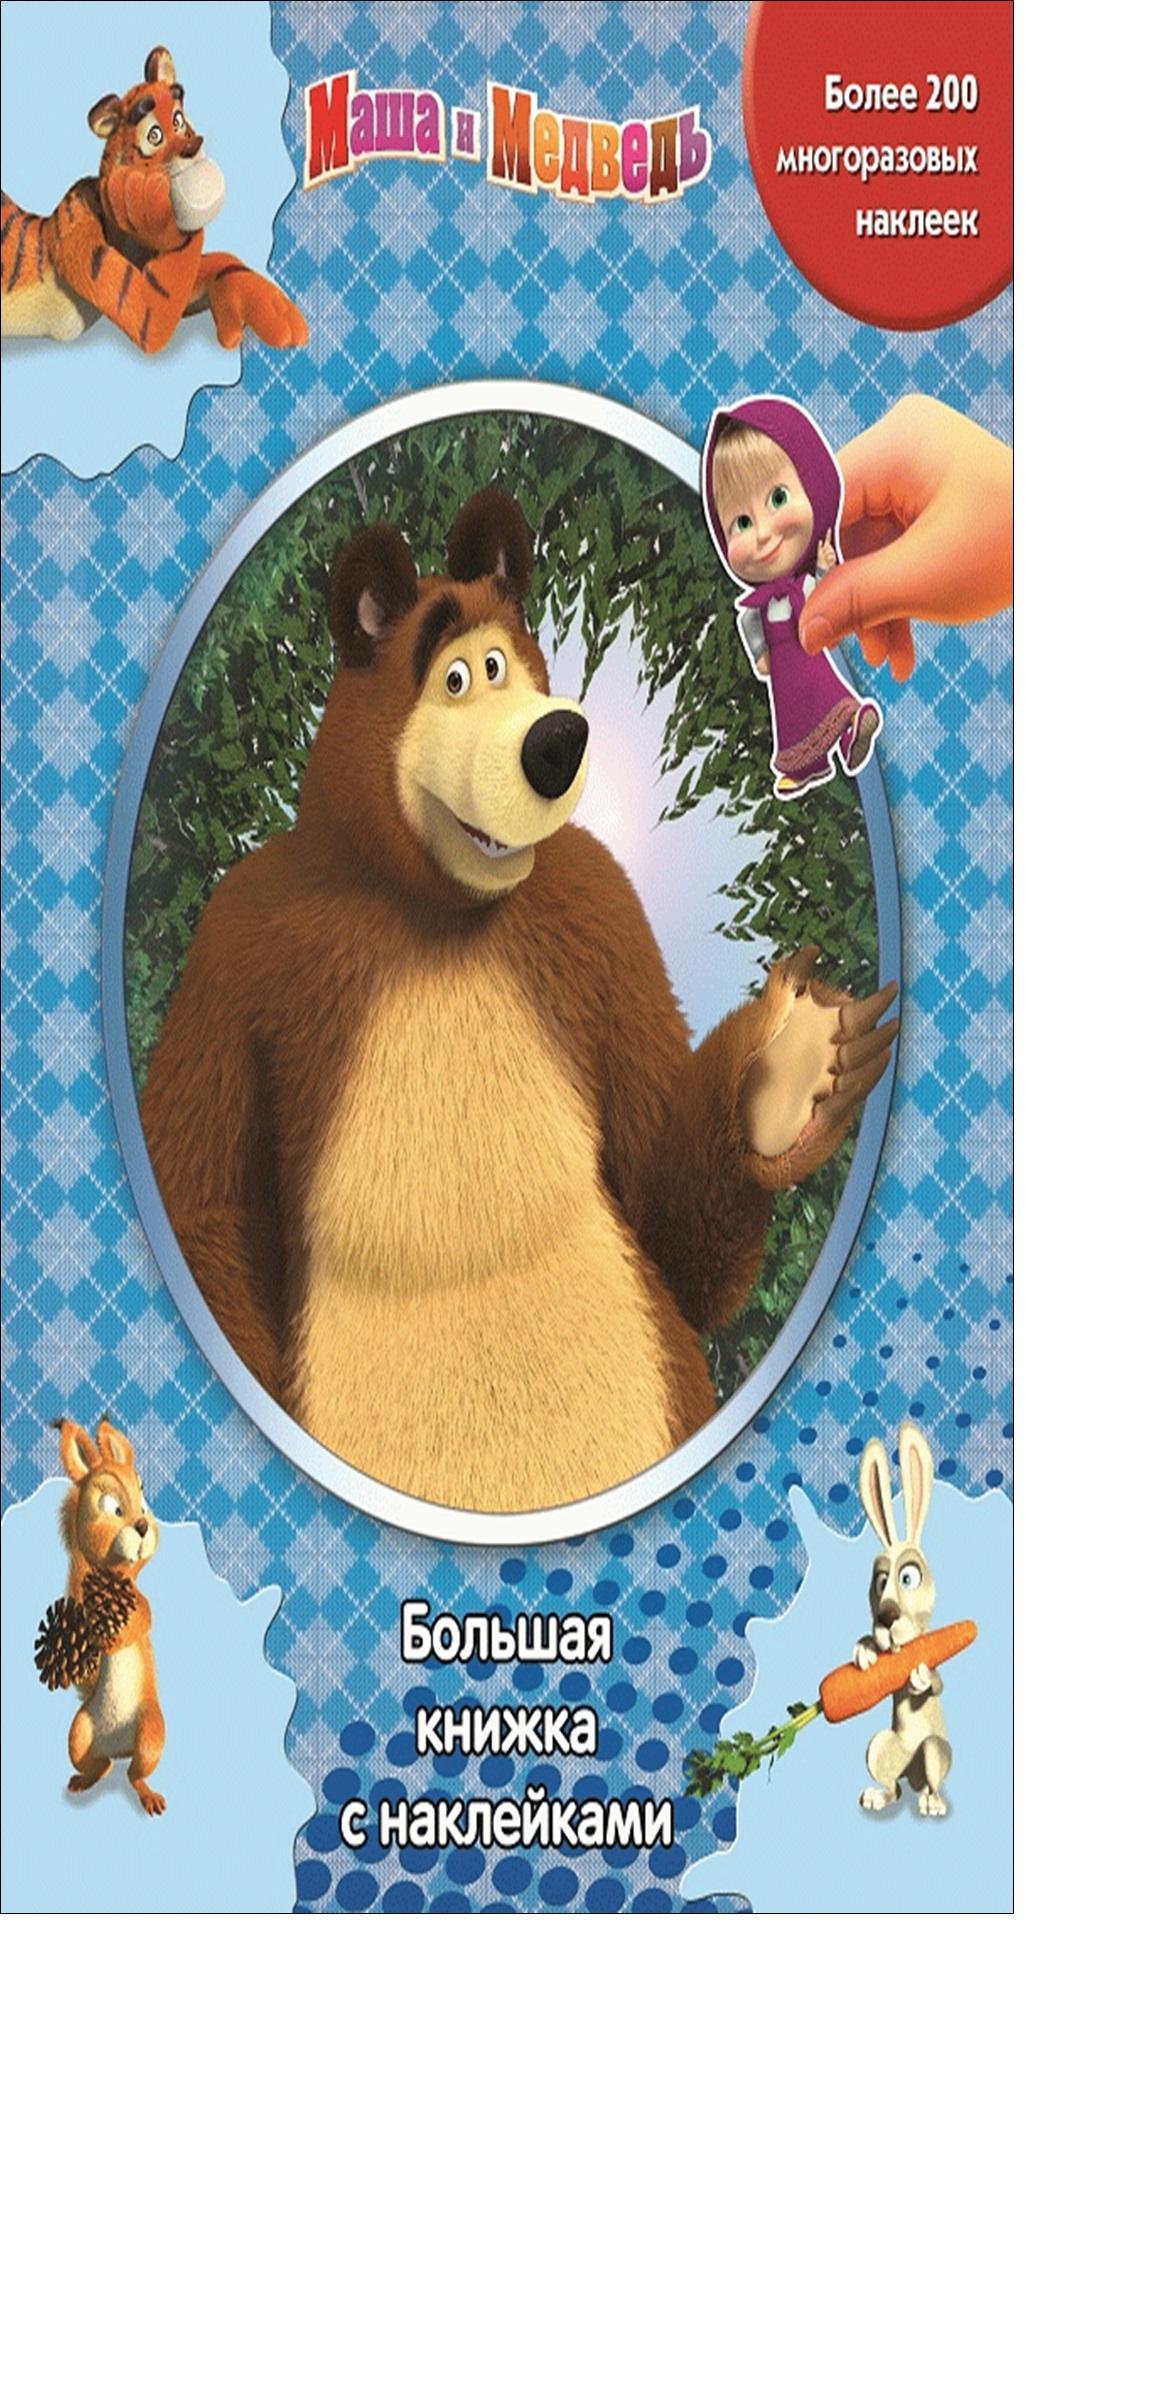 Маша и Медведь. Большая книжка с наклейками.